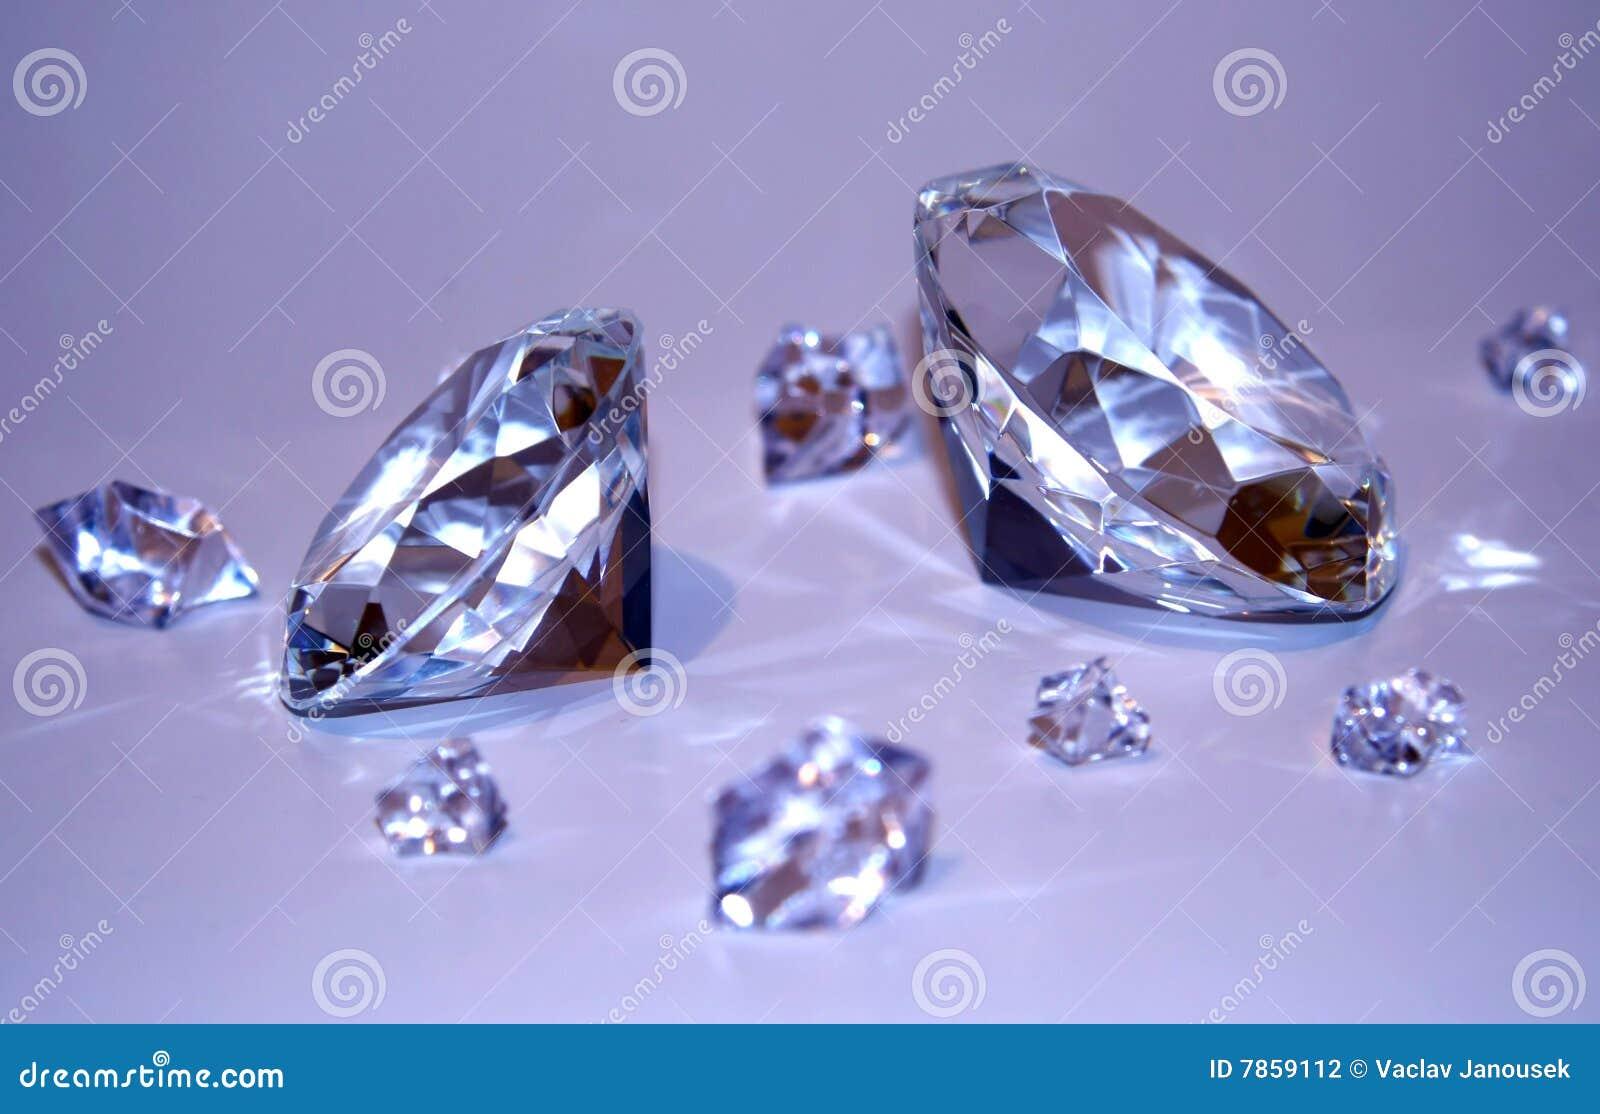 Zwei Diamanten mit Fragmenten